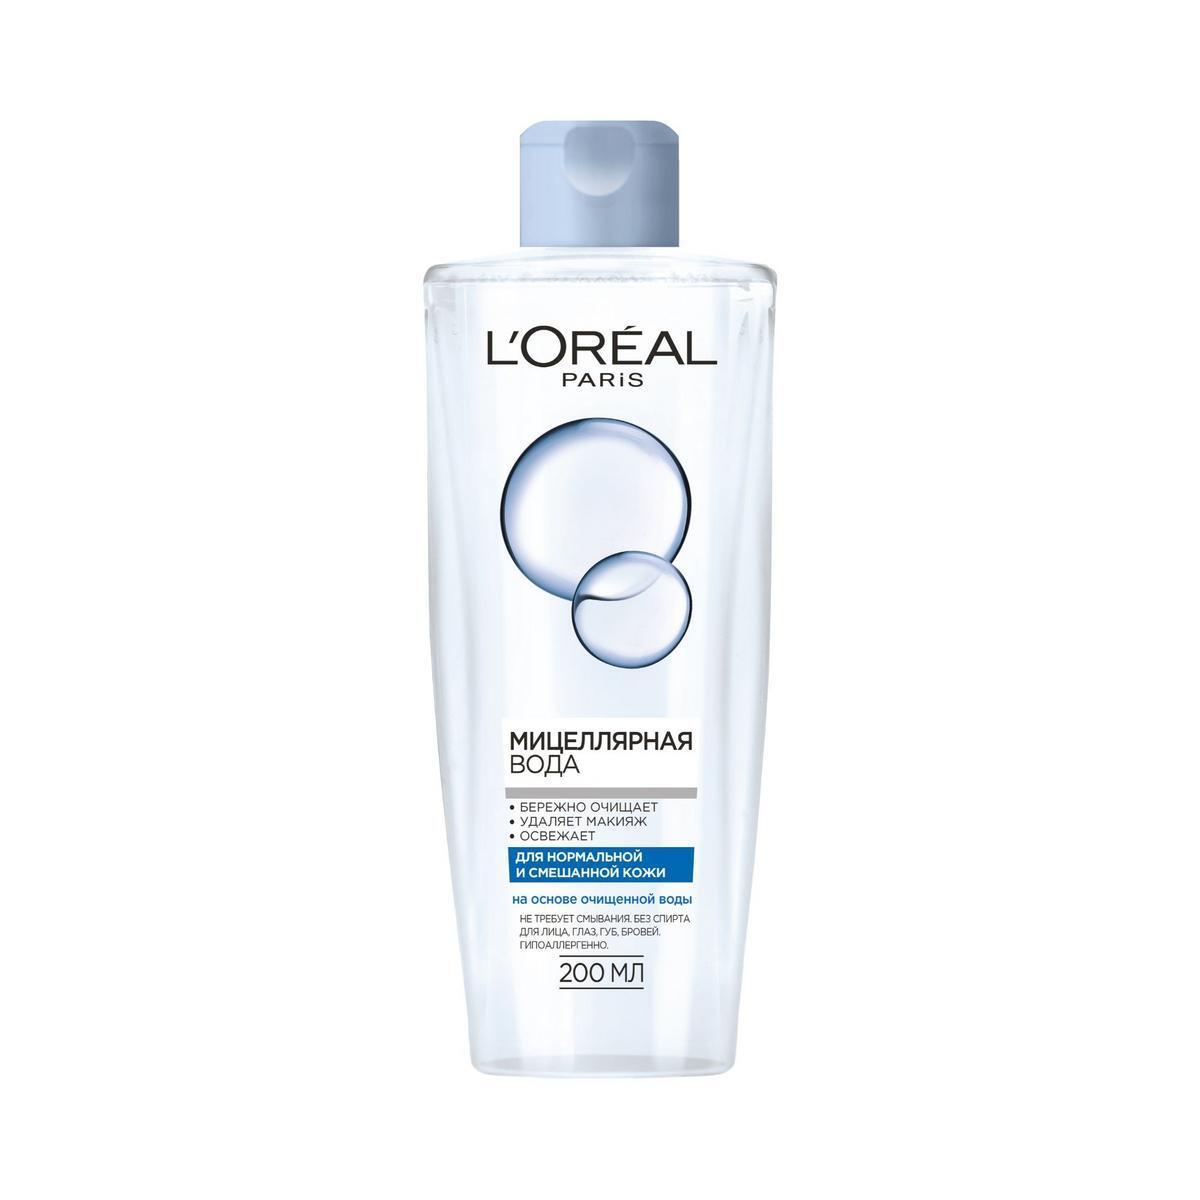 L'Oreal Paris Мицеллярная вода для снятия макияжа, для нормальной и смешанной кожи, гипоаллергенно, 200 #1